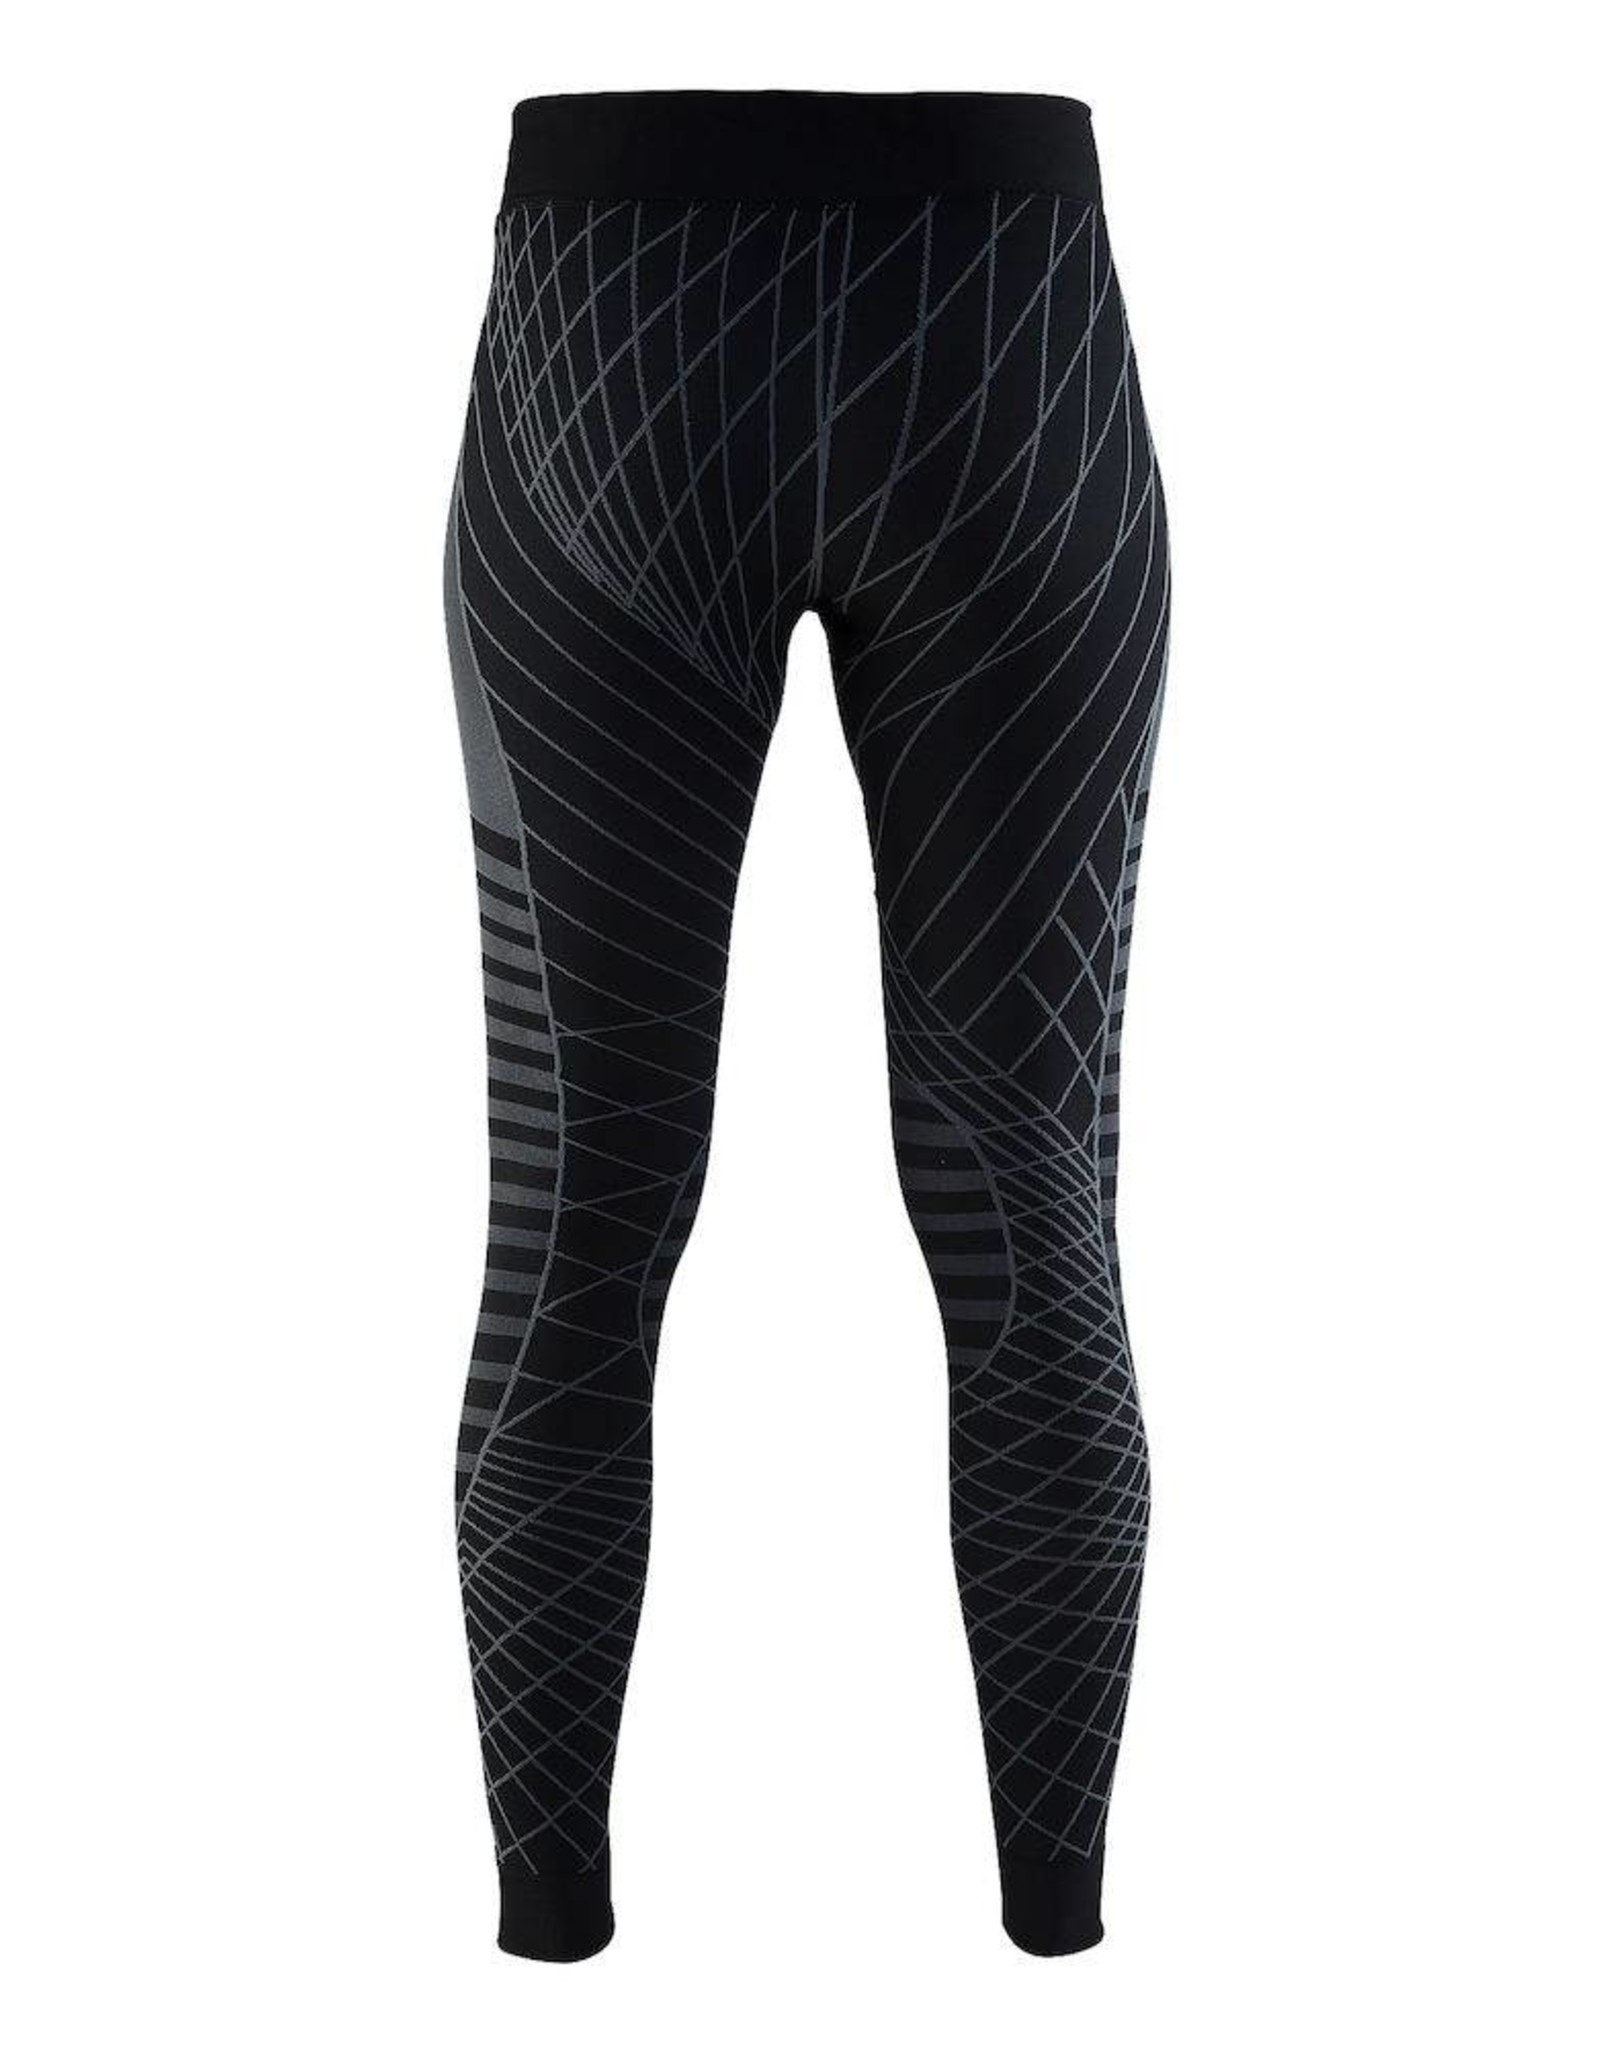 Craft Women's Active Intensity Pants